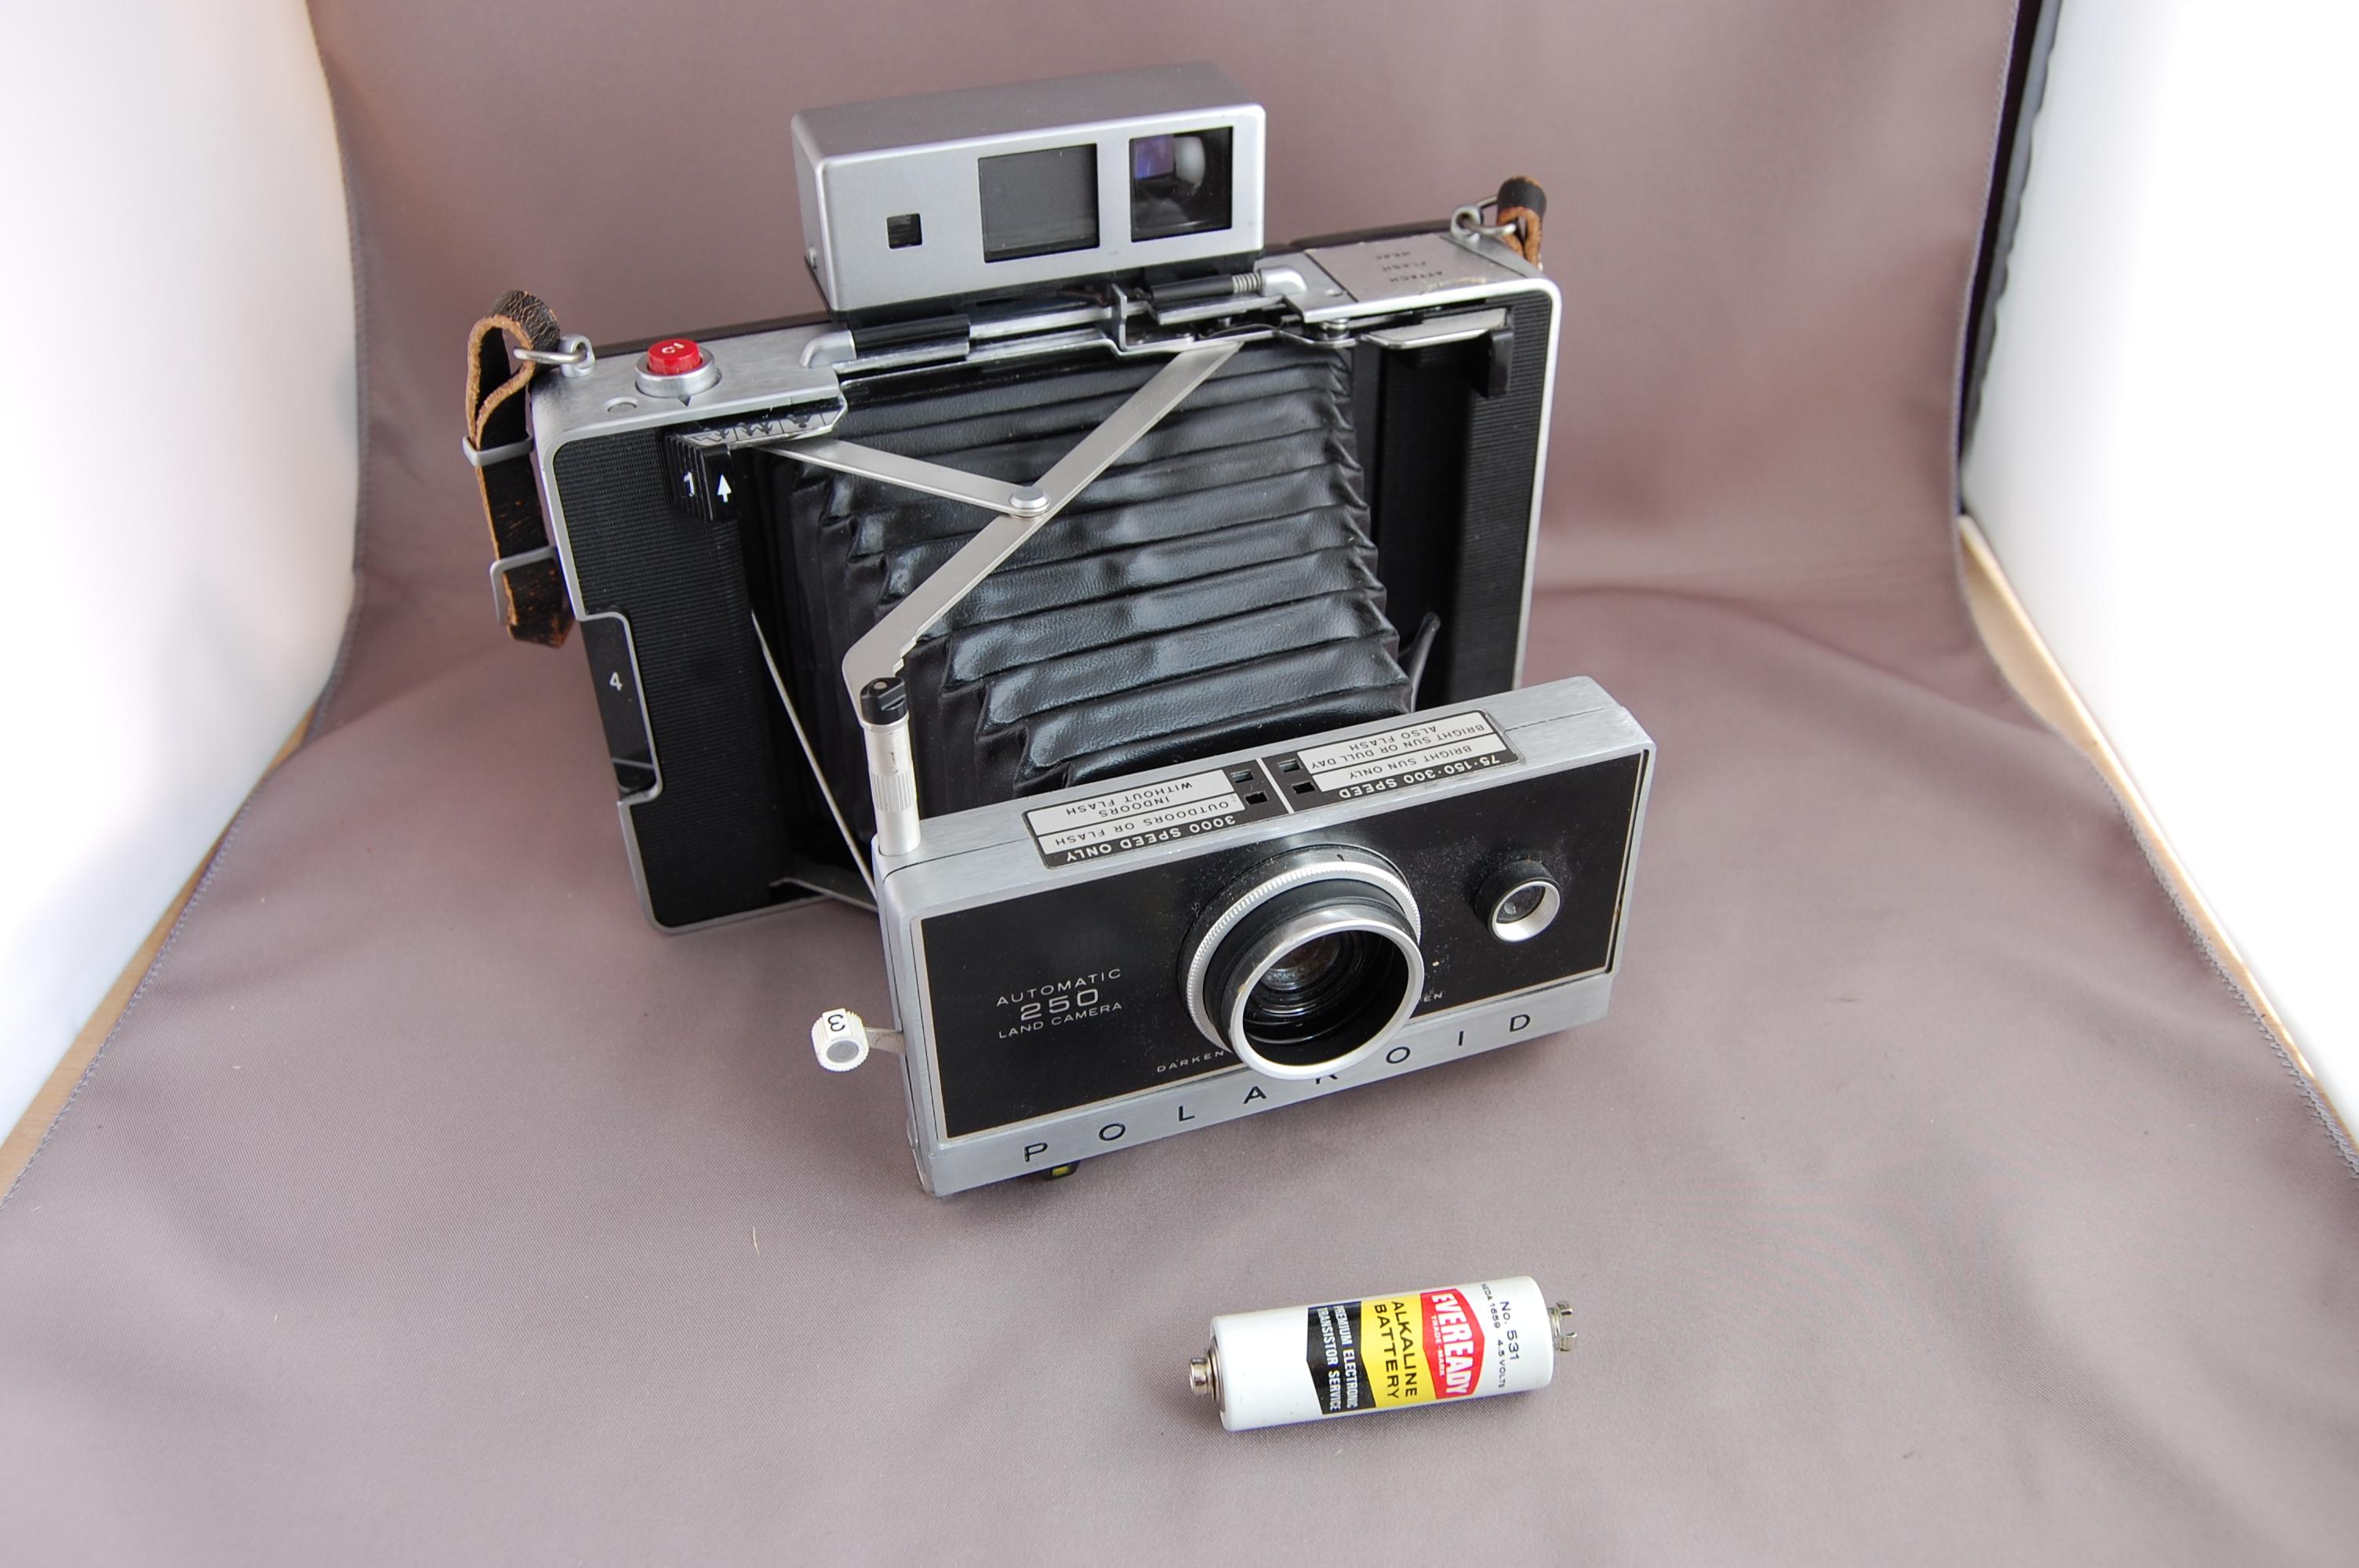 lo fi photography dianacamera com dianacamera com polaroid rh dianacamera com Polaroid 250 Land Camera Example polaroid 250 land camera manual pdf